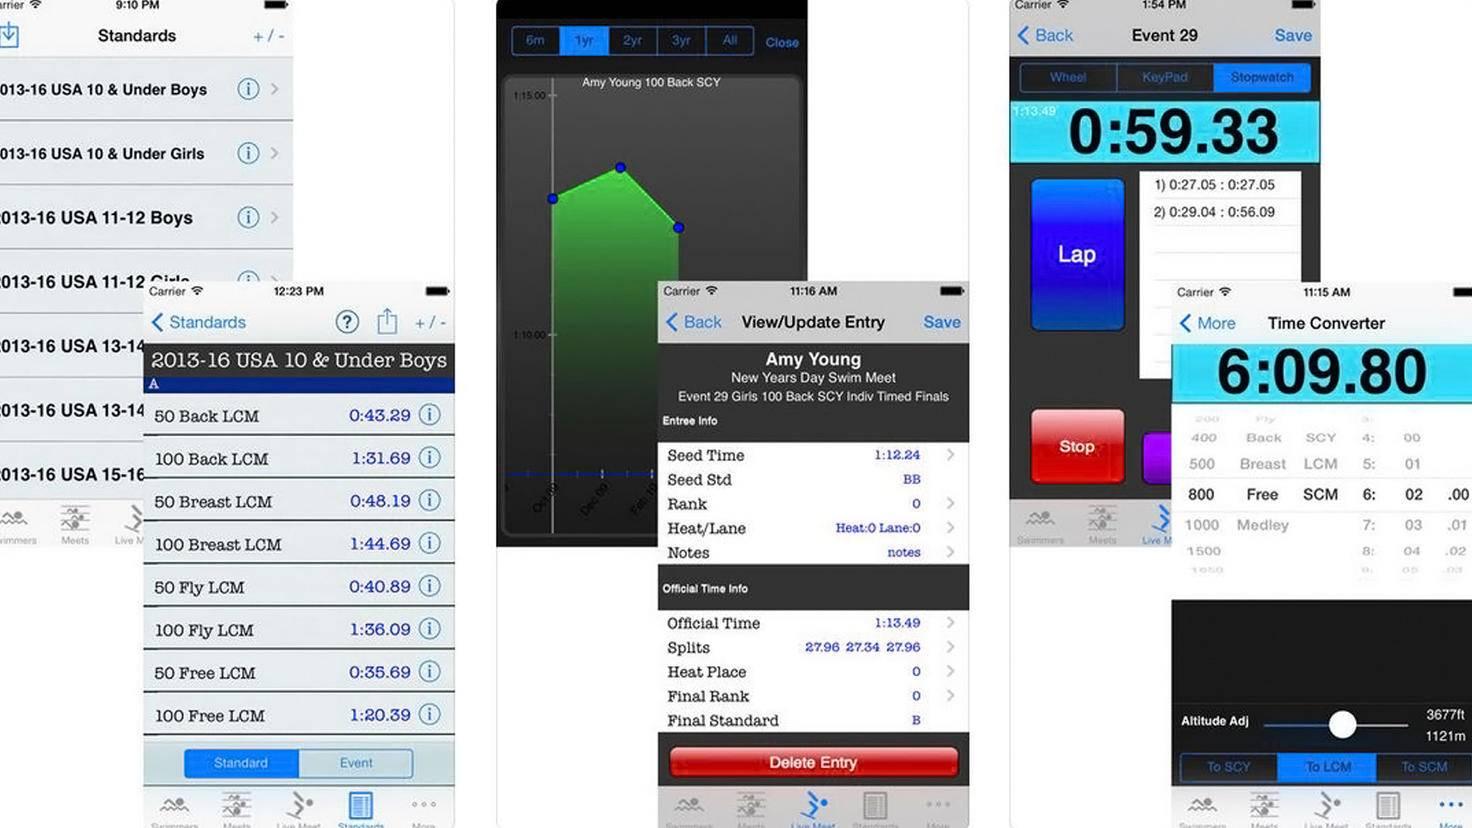 iSwimTimes-App-iTunes-Go2Telecom LLC